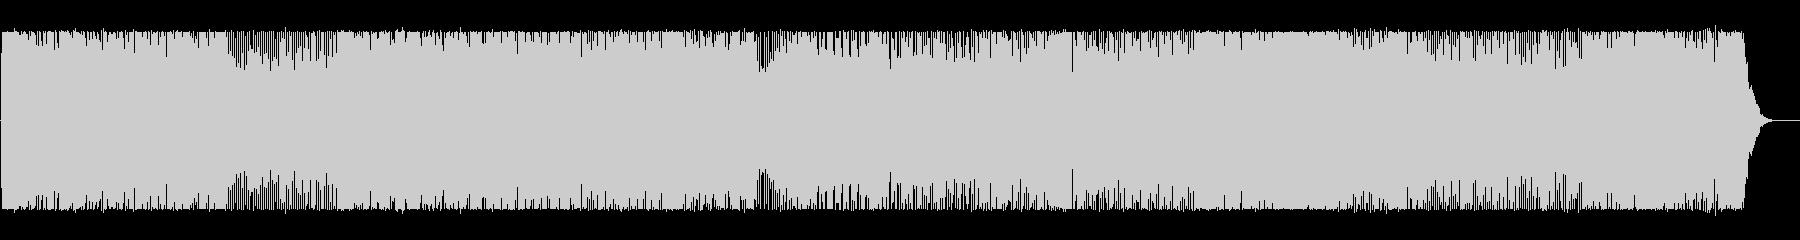 明るく可愛いらしいポップなBGMの未再生の波形